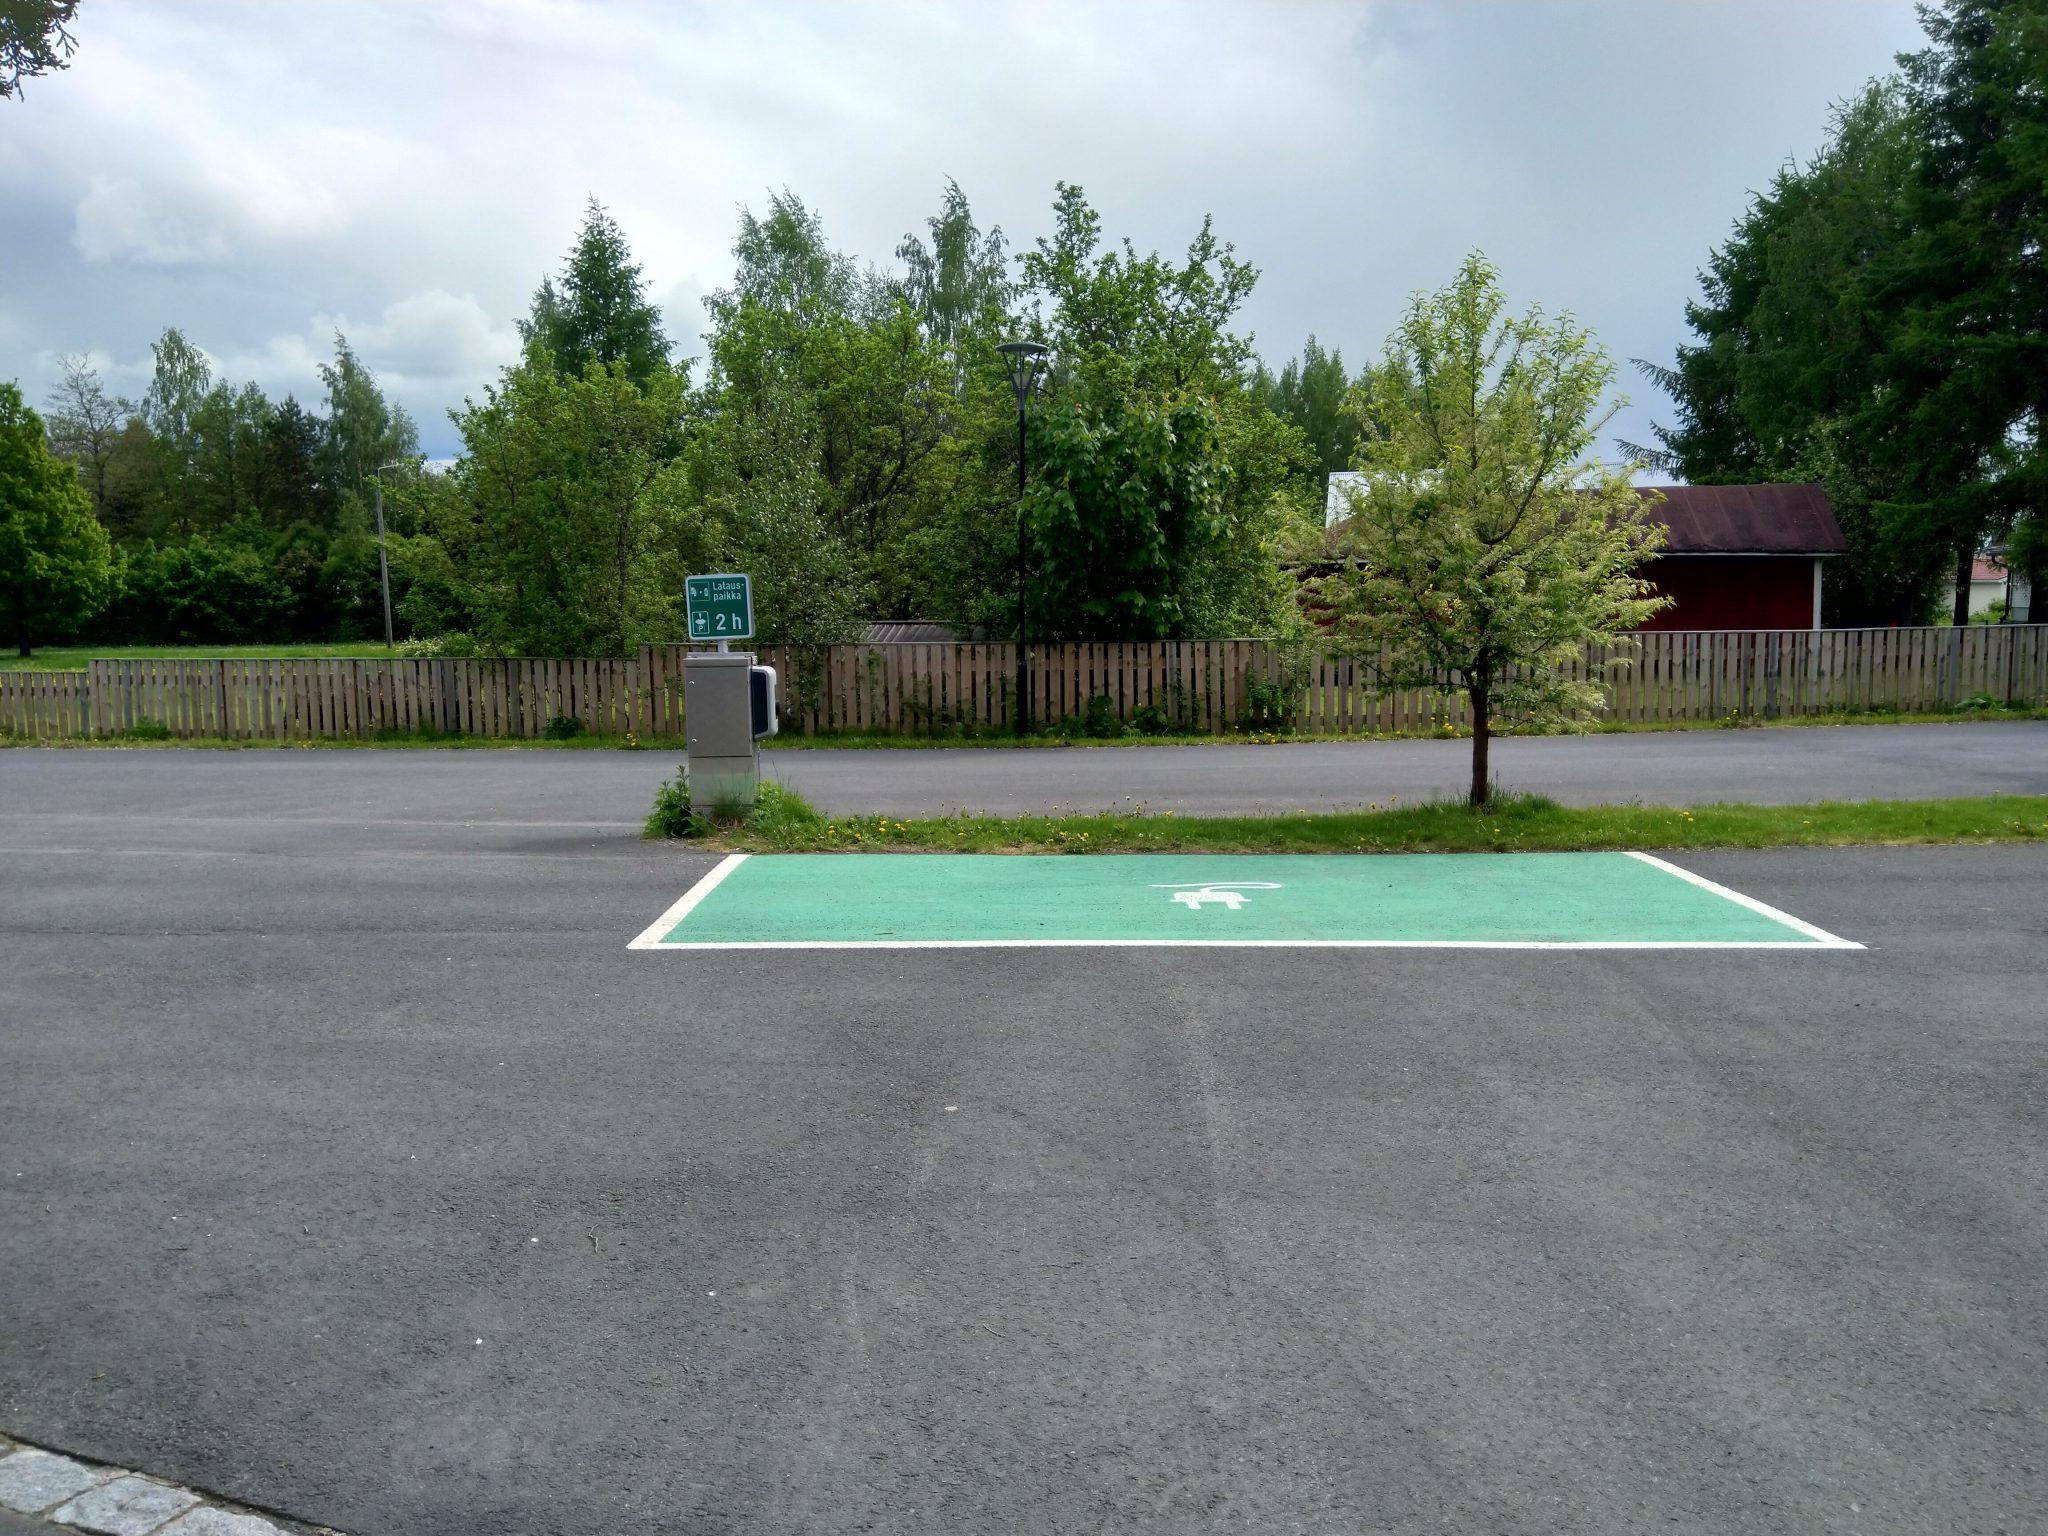 Sähköauton latauspaikka kunnantalolla (type-2, 22kW)